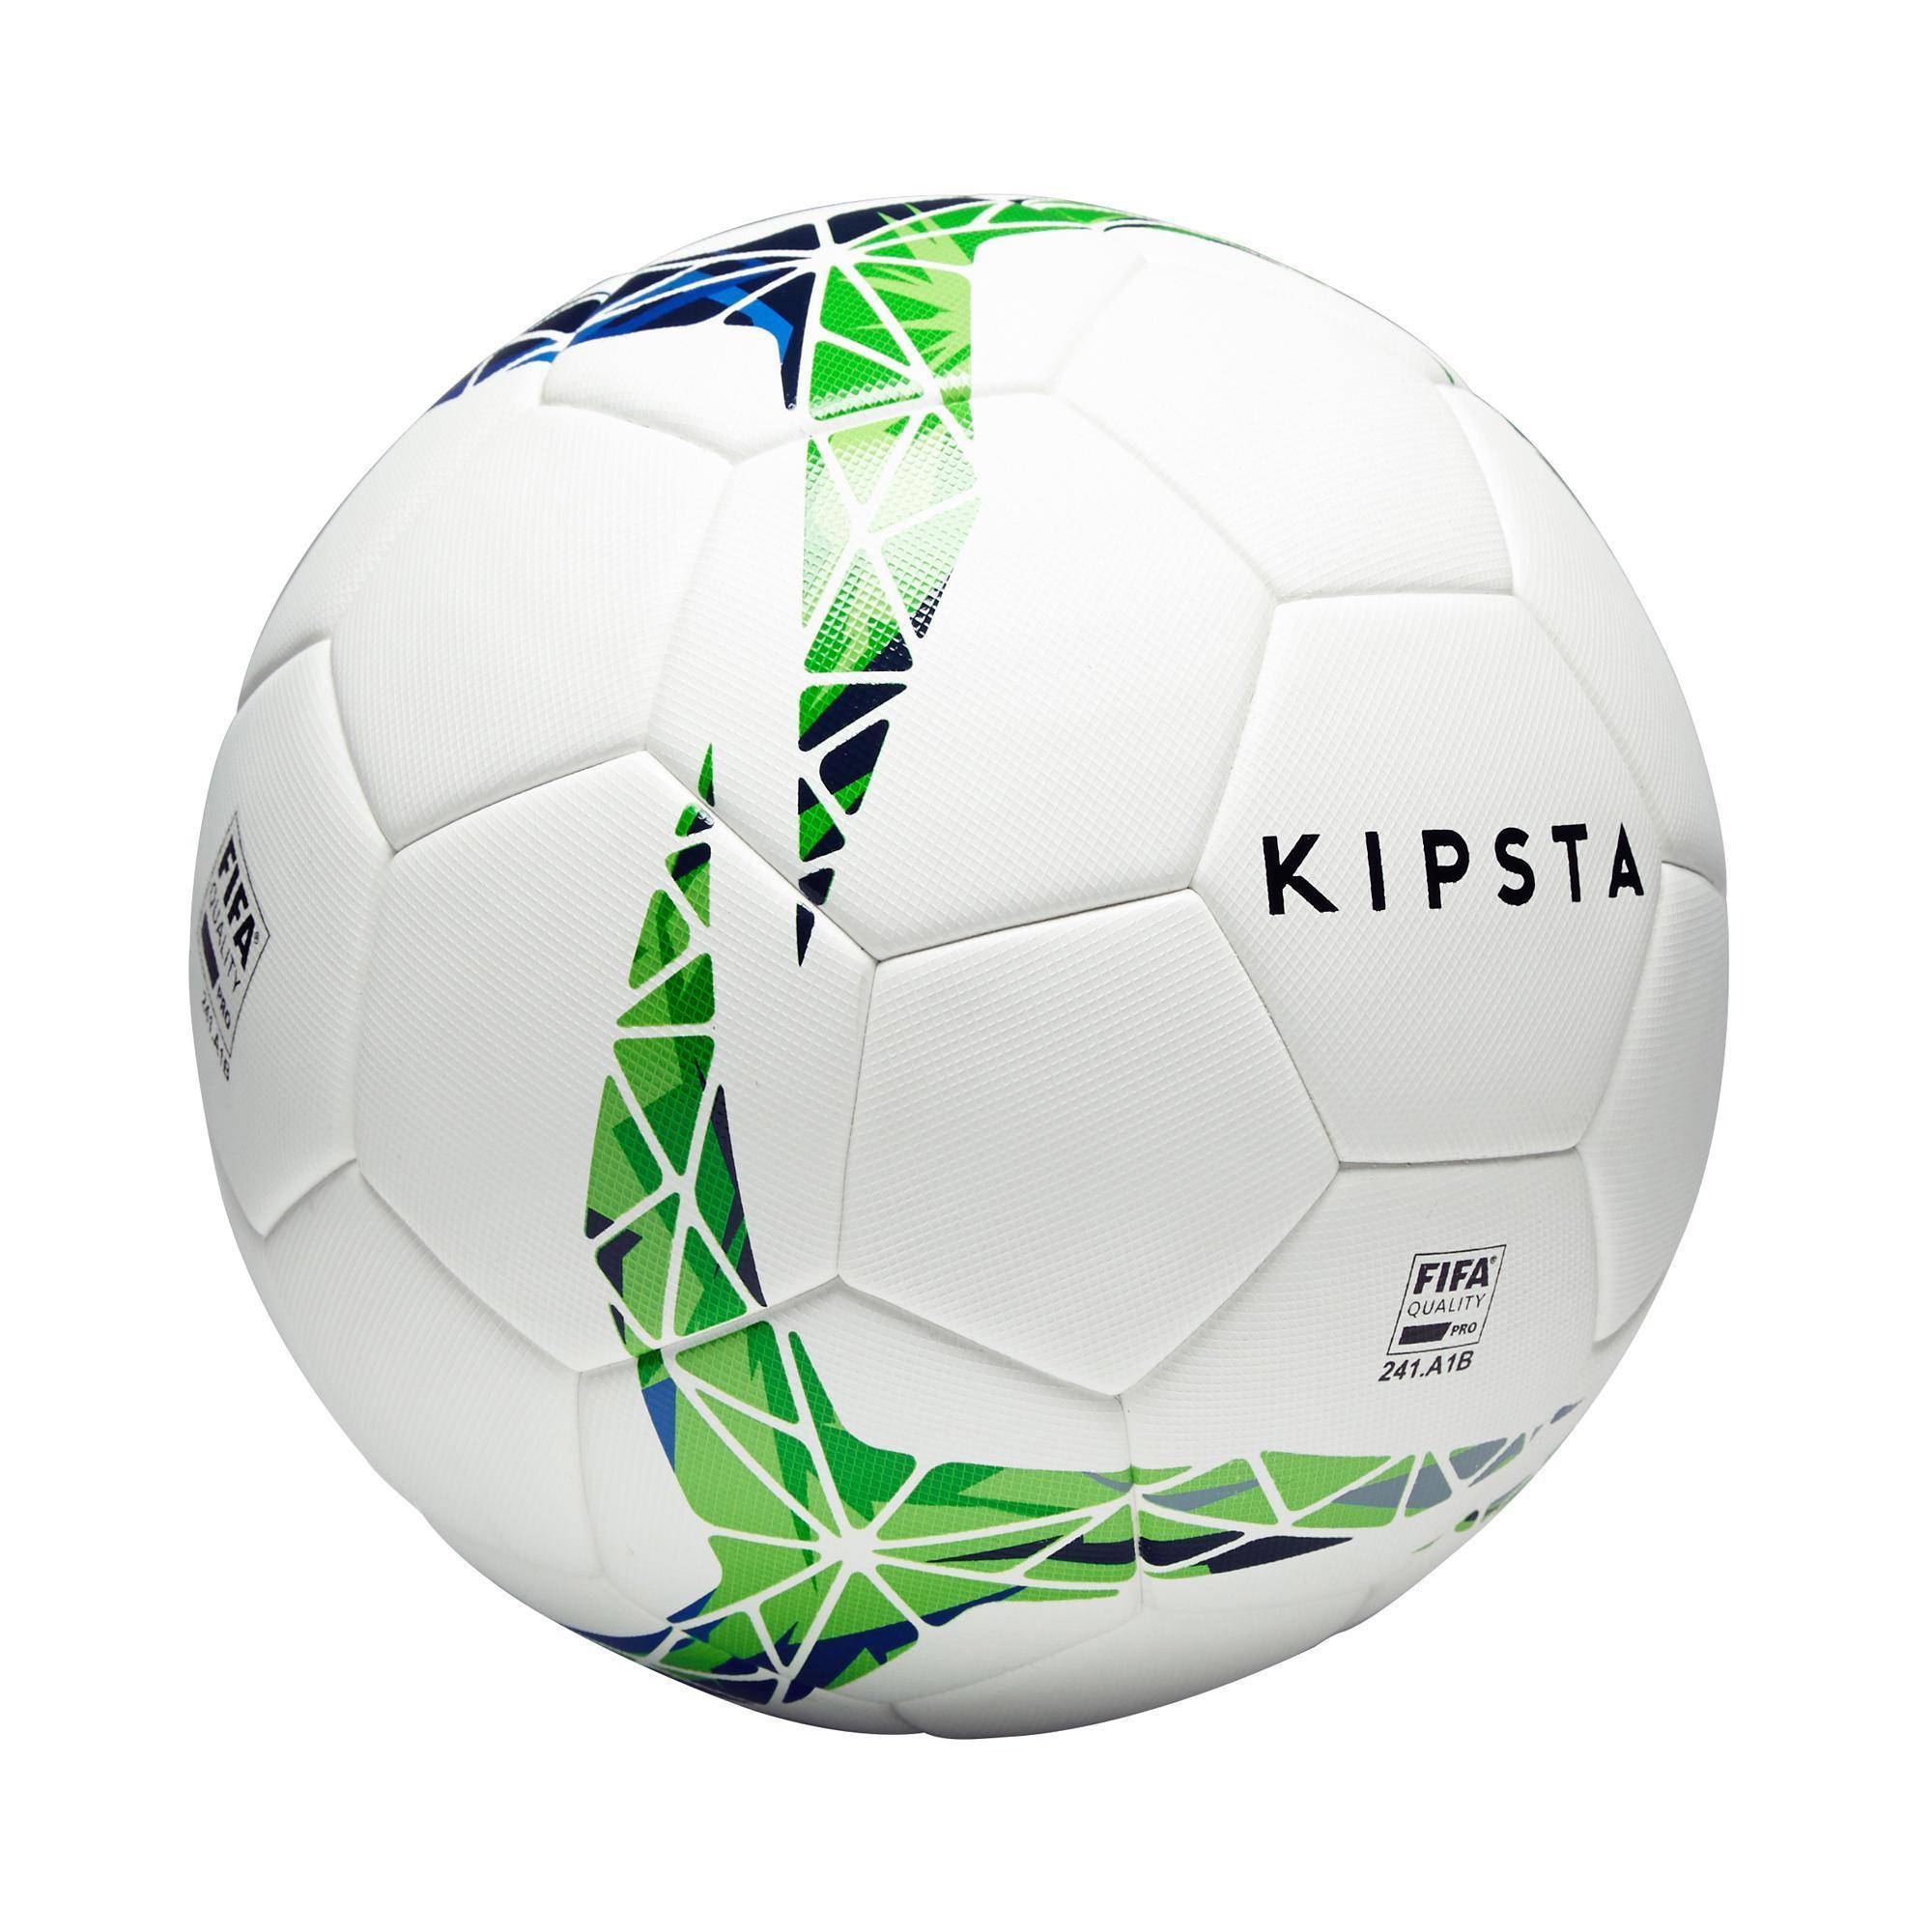 Fußball F900 FIFA Pro thermogeklebt Größe 5 weiß/grün/blau